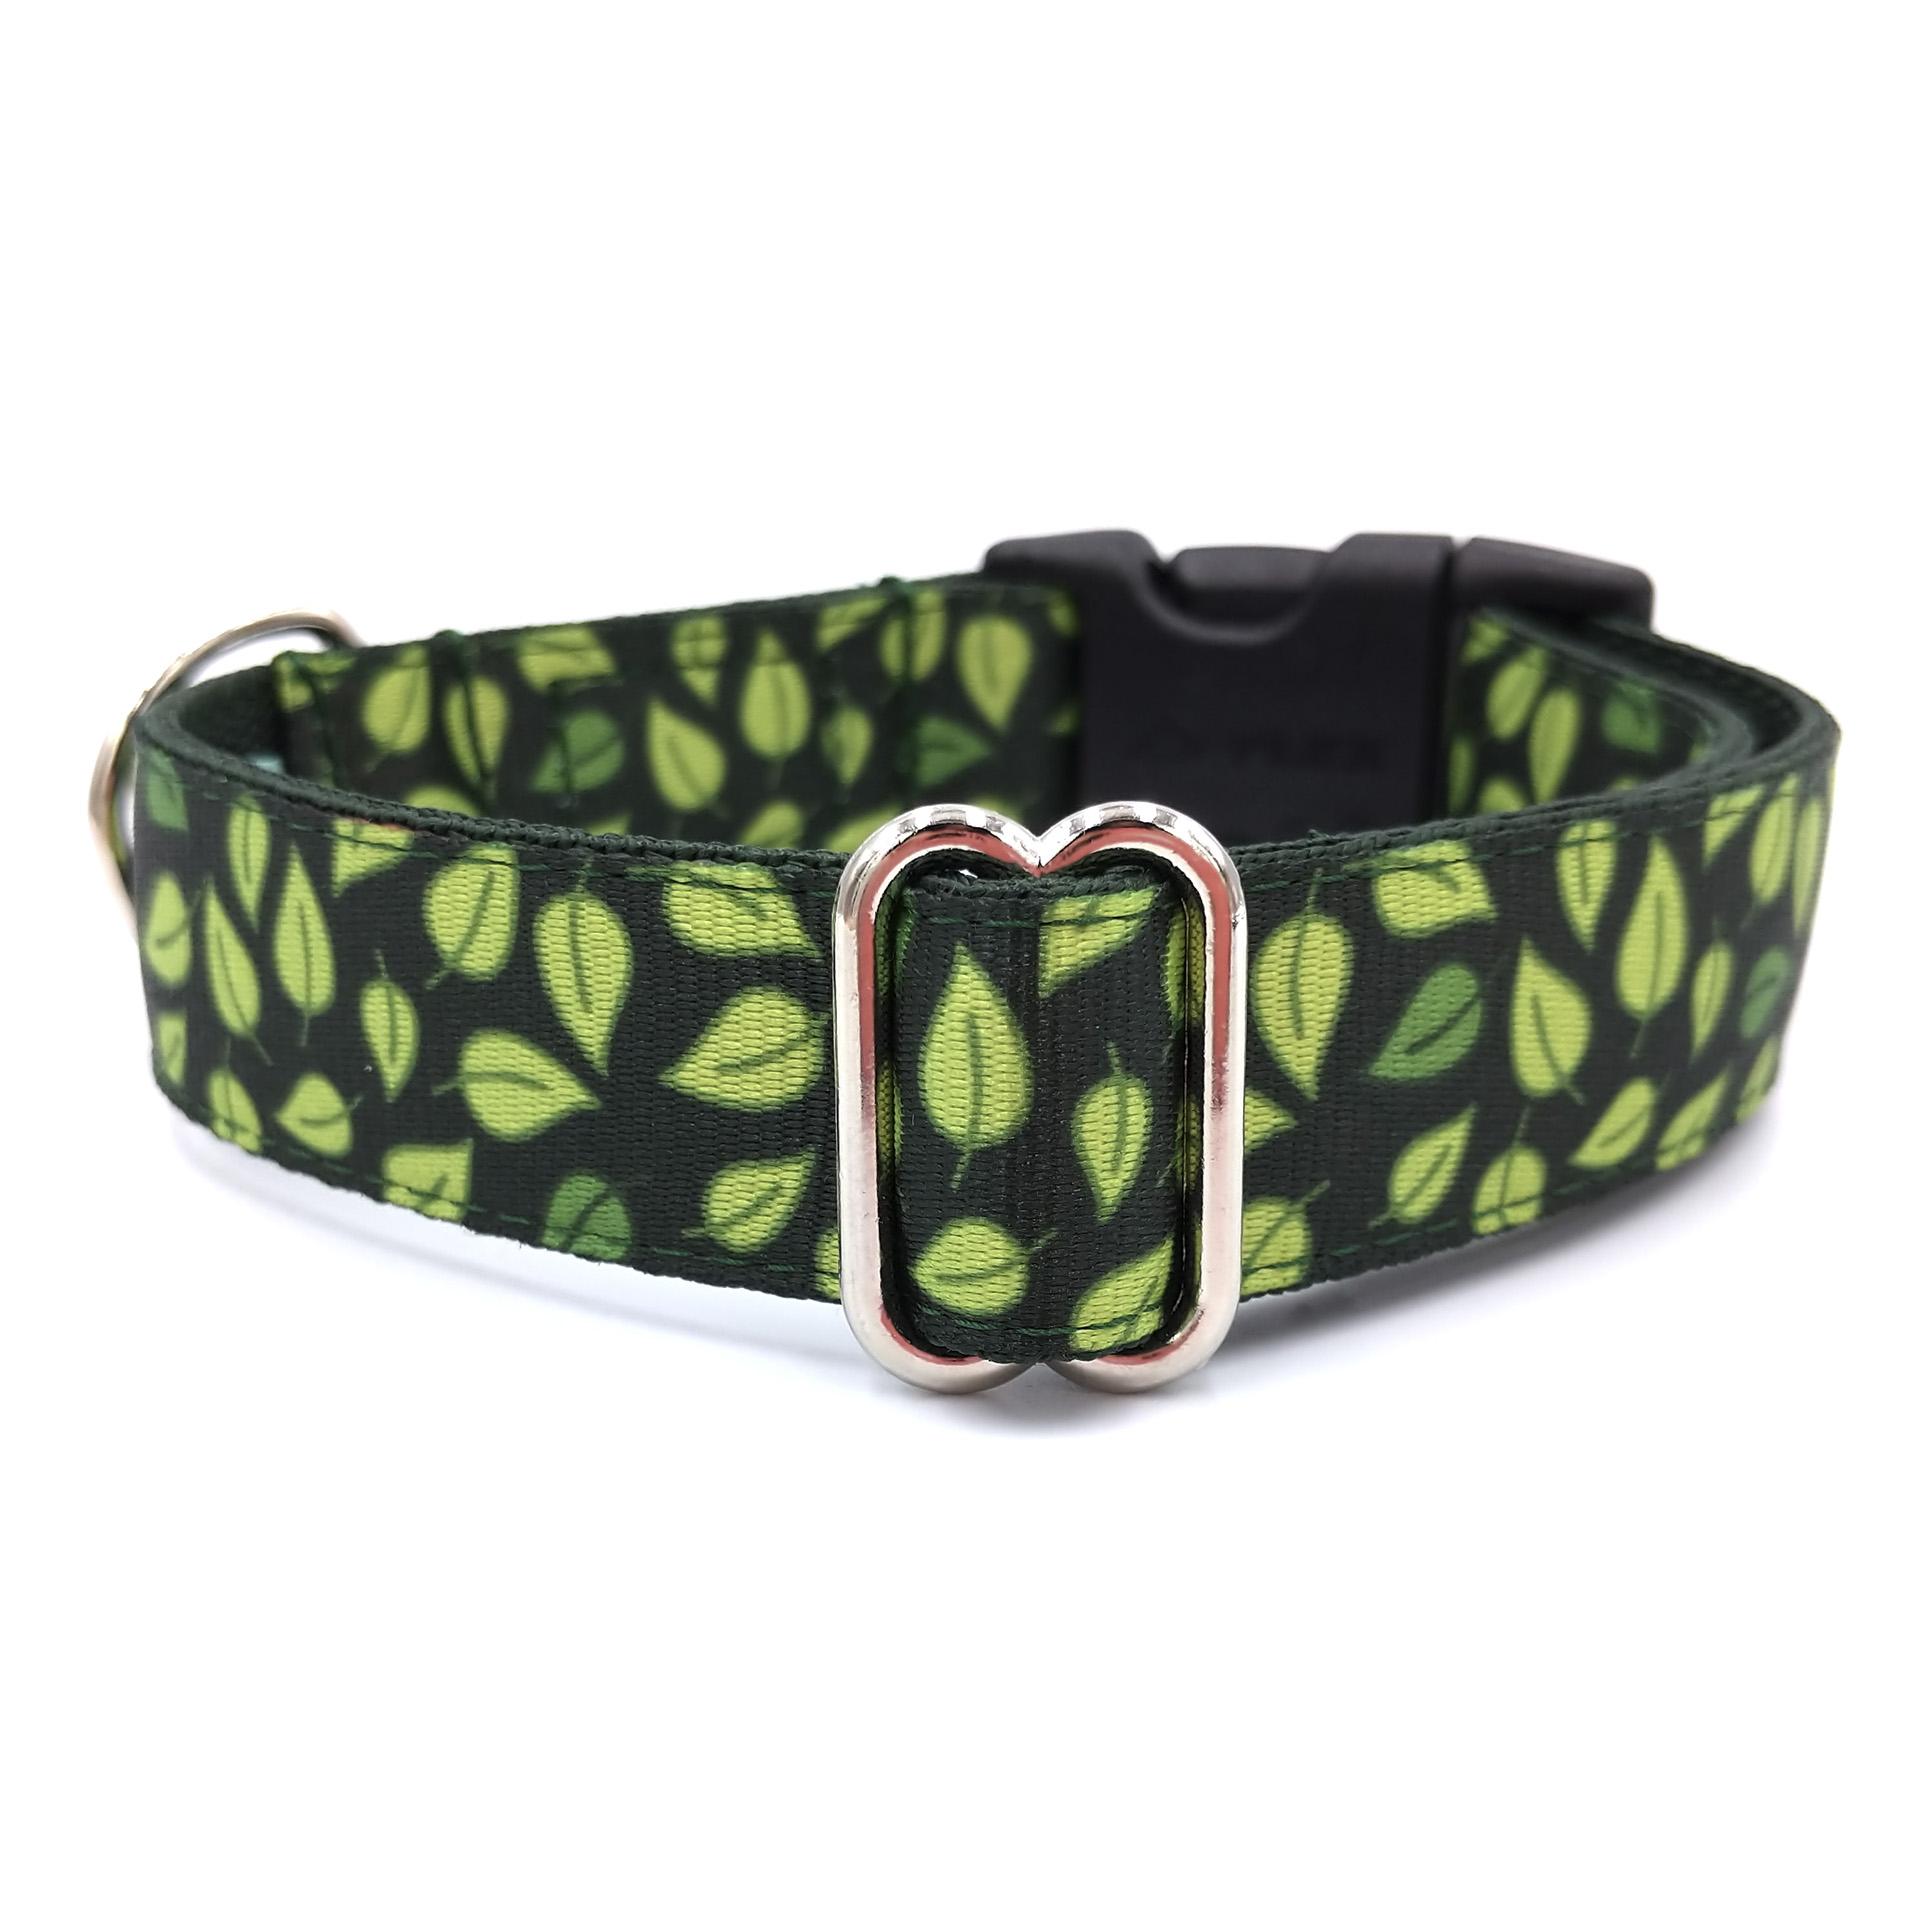 Jungle dog collar